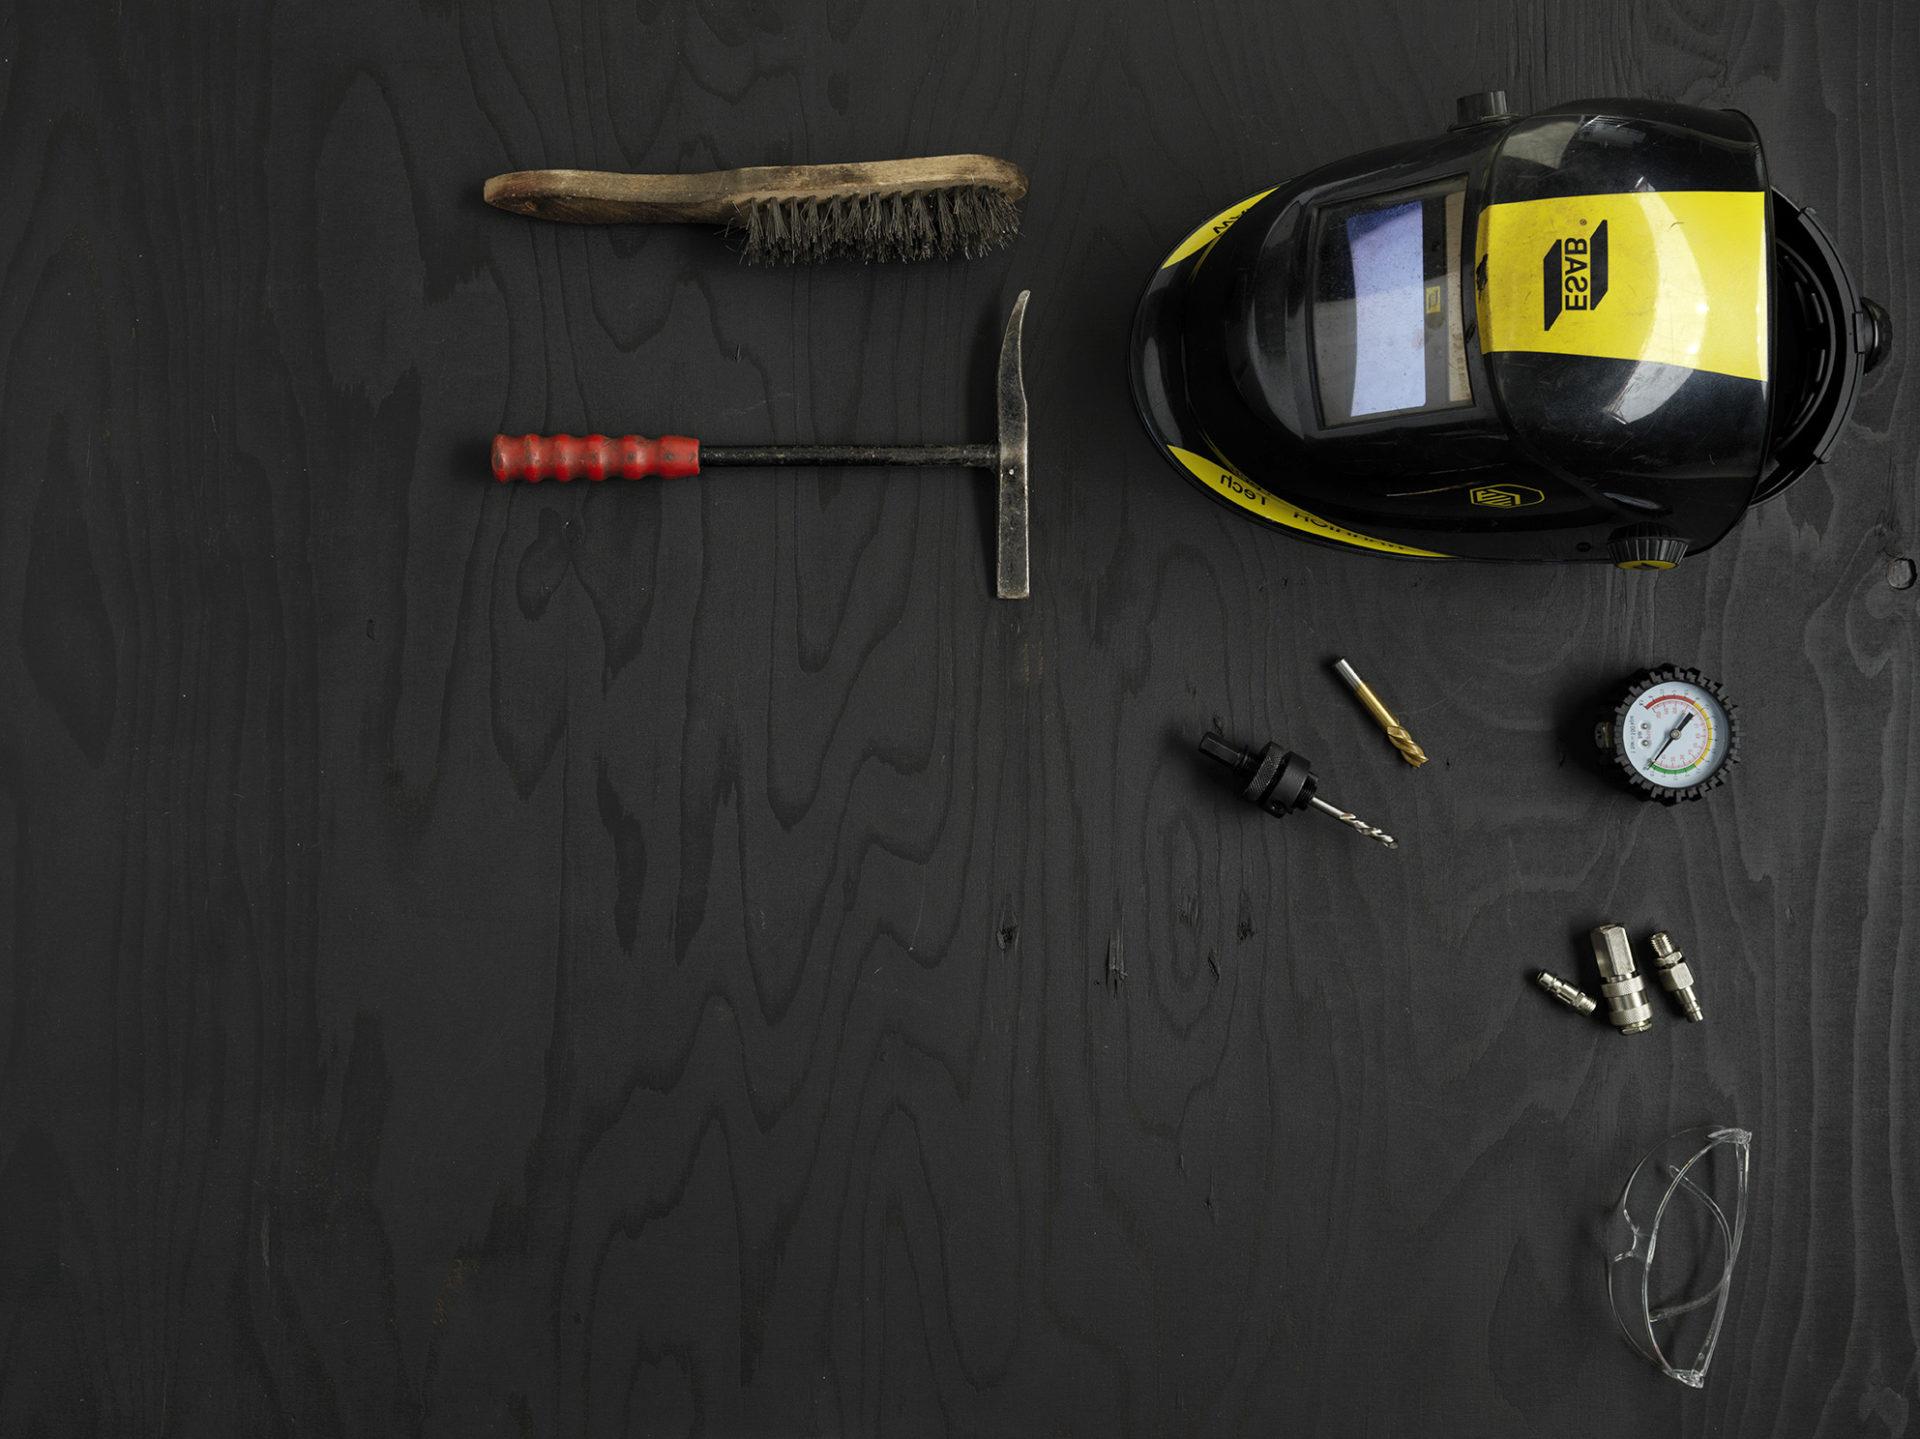 Bild representerande industriprogrammet med en skyddshjälm, skyddsglasögon, borste och en mätare